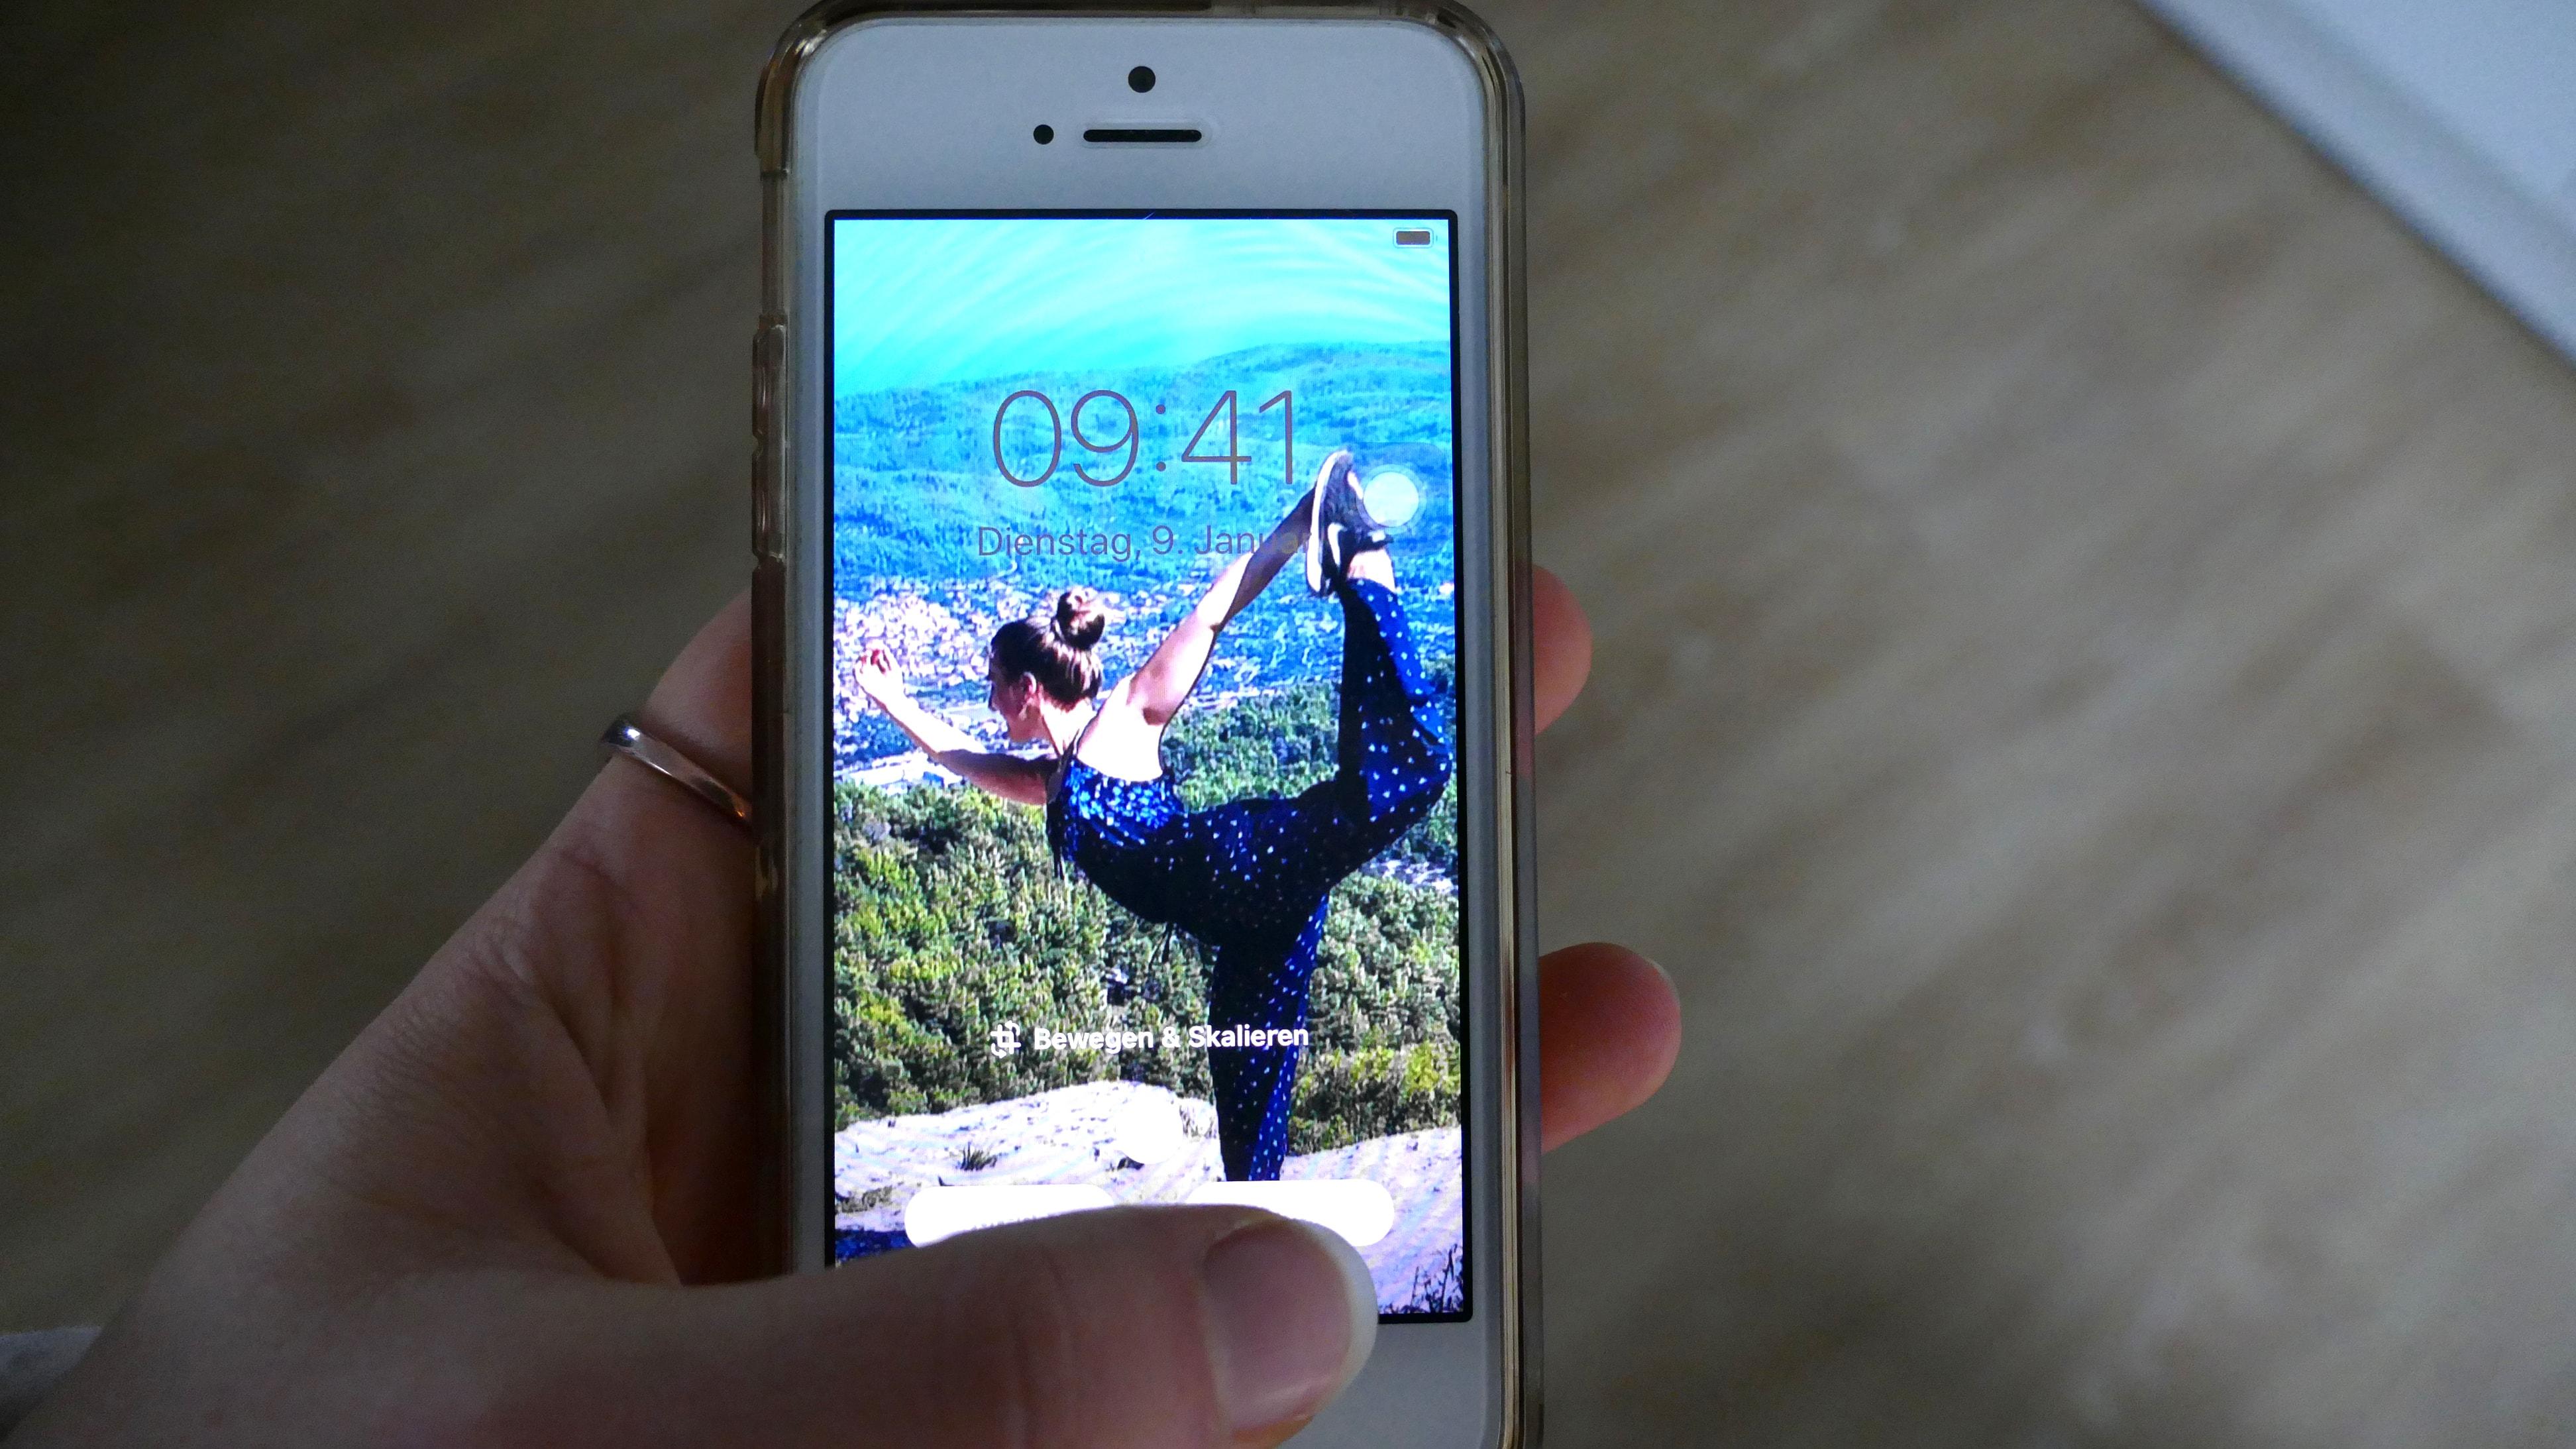 Julia richtet ein Reisefoto auf ihrem Handy als Hintergrund ein